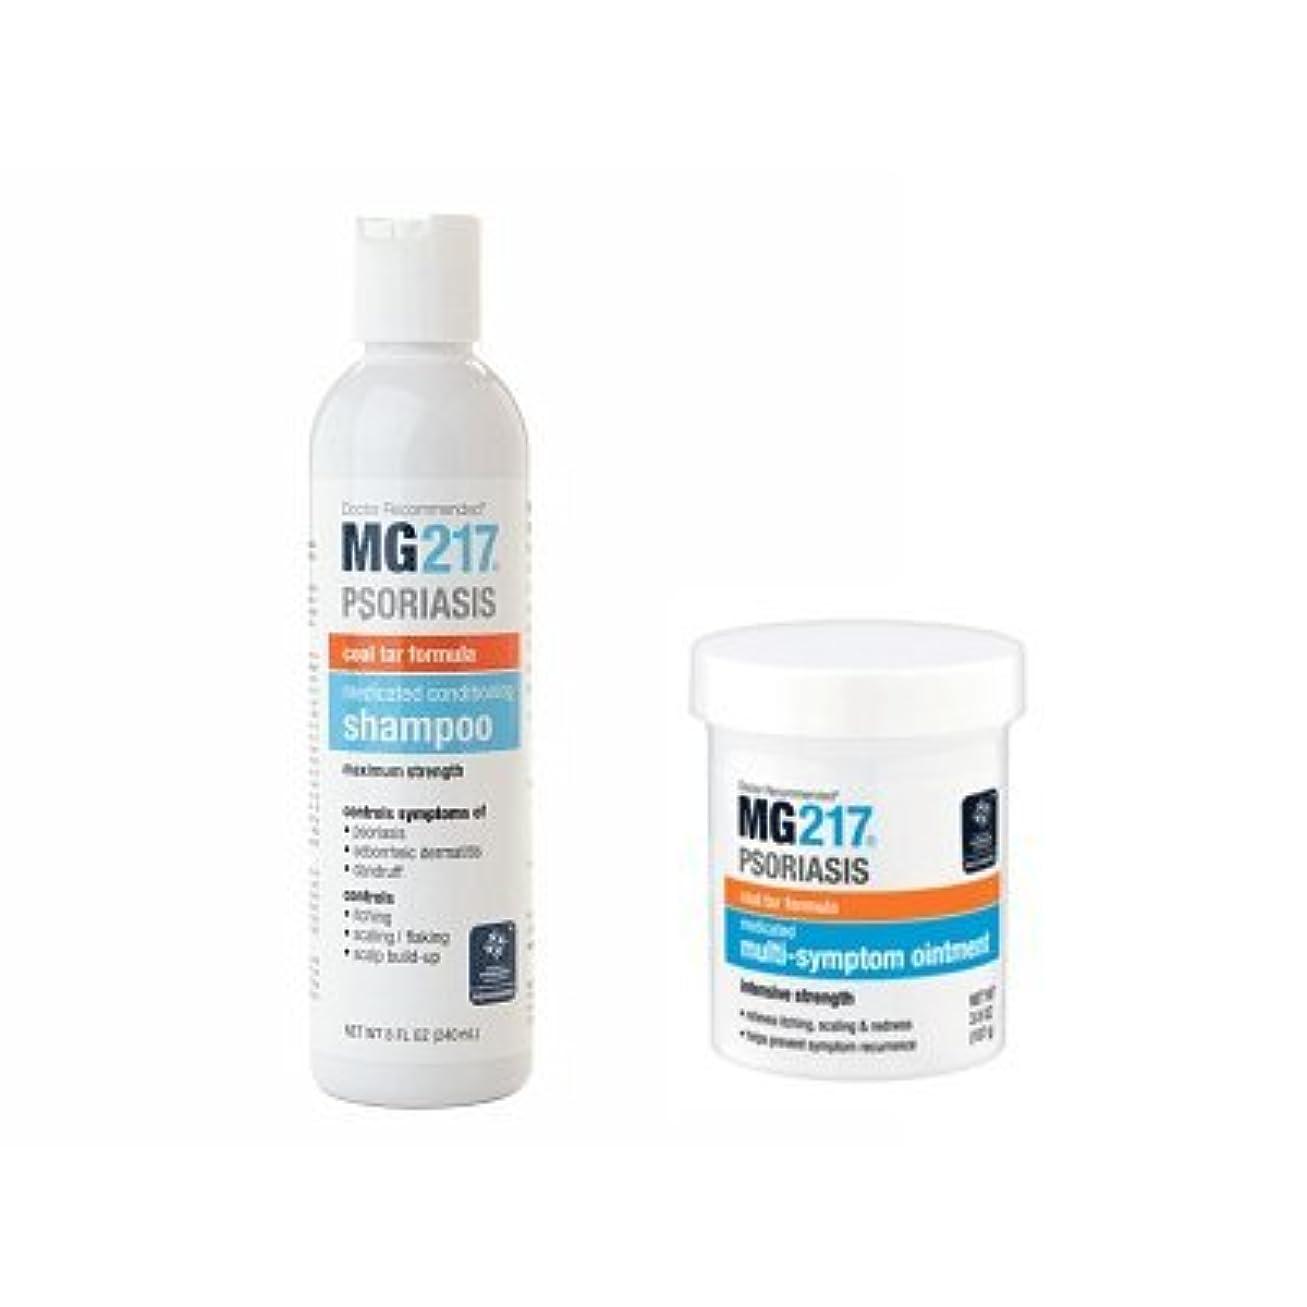 釈義あごひげ人質MG217 シャンプー&軟膏セット 240ml/107ml Psoriasis Medicated Conditioning Shampoo,Ointment set 海外直送品